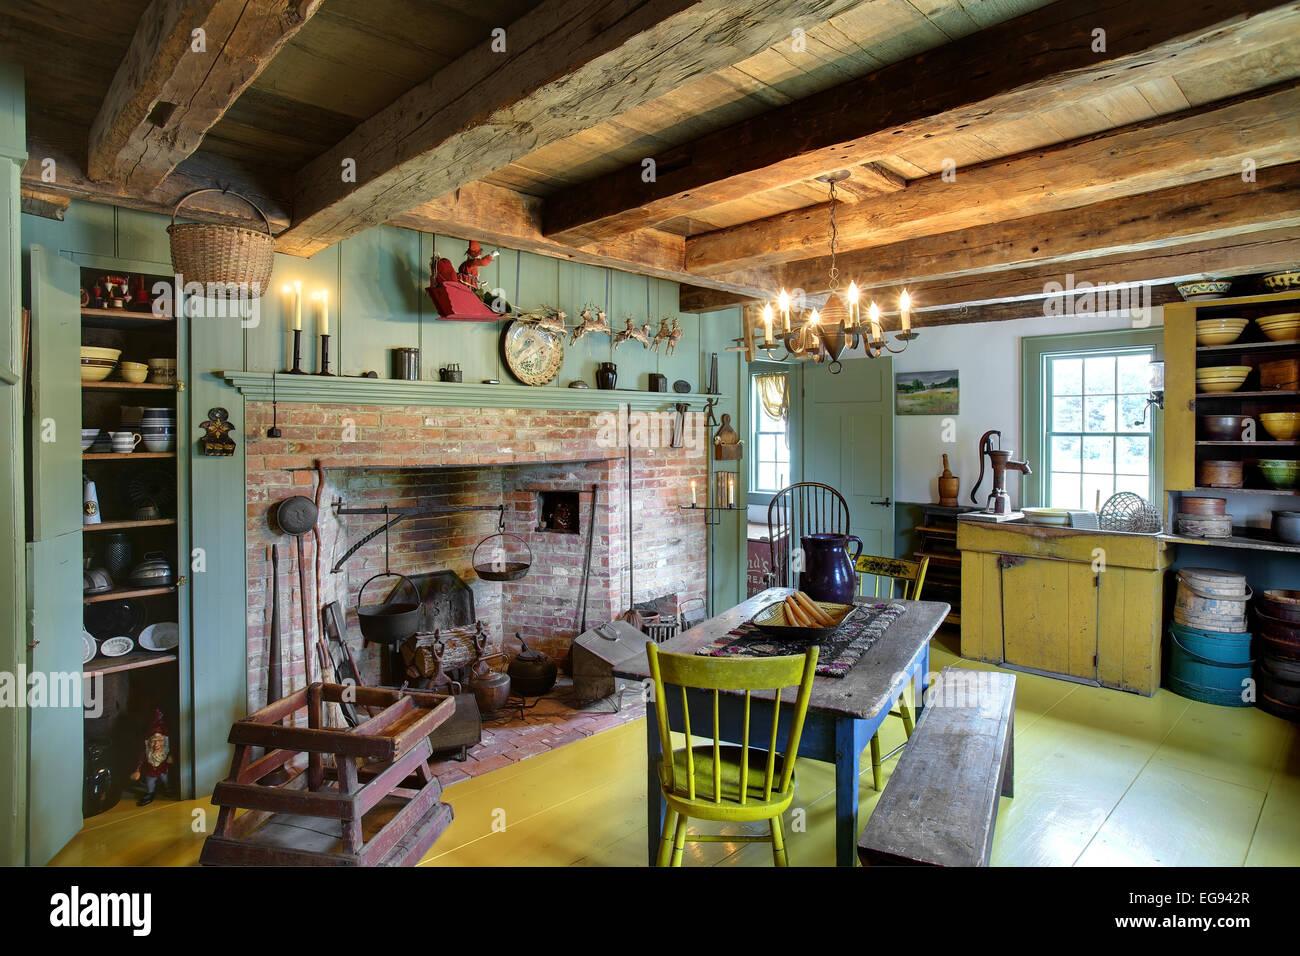 Küche, Esszimmer Und Kamin Im Restaurierten Primitive Kolonialen Stil Des  17. Jahrhunderts Nach Hause.